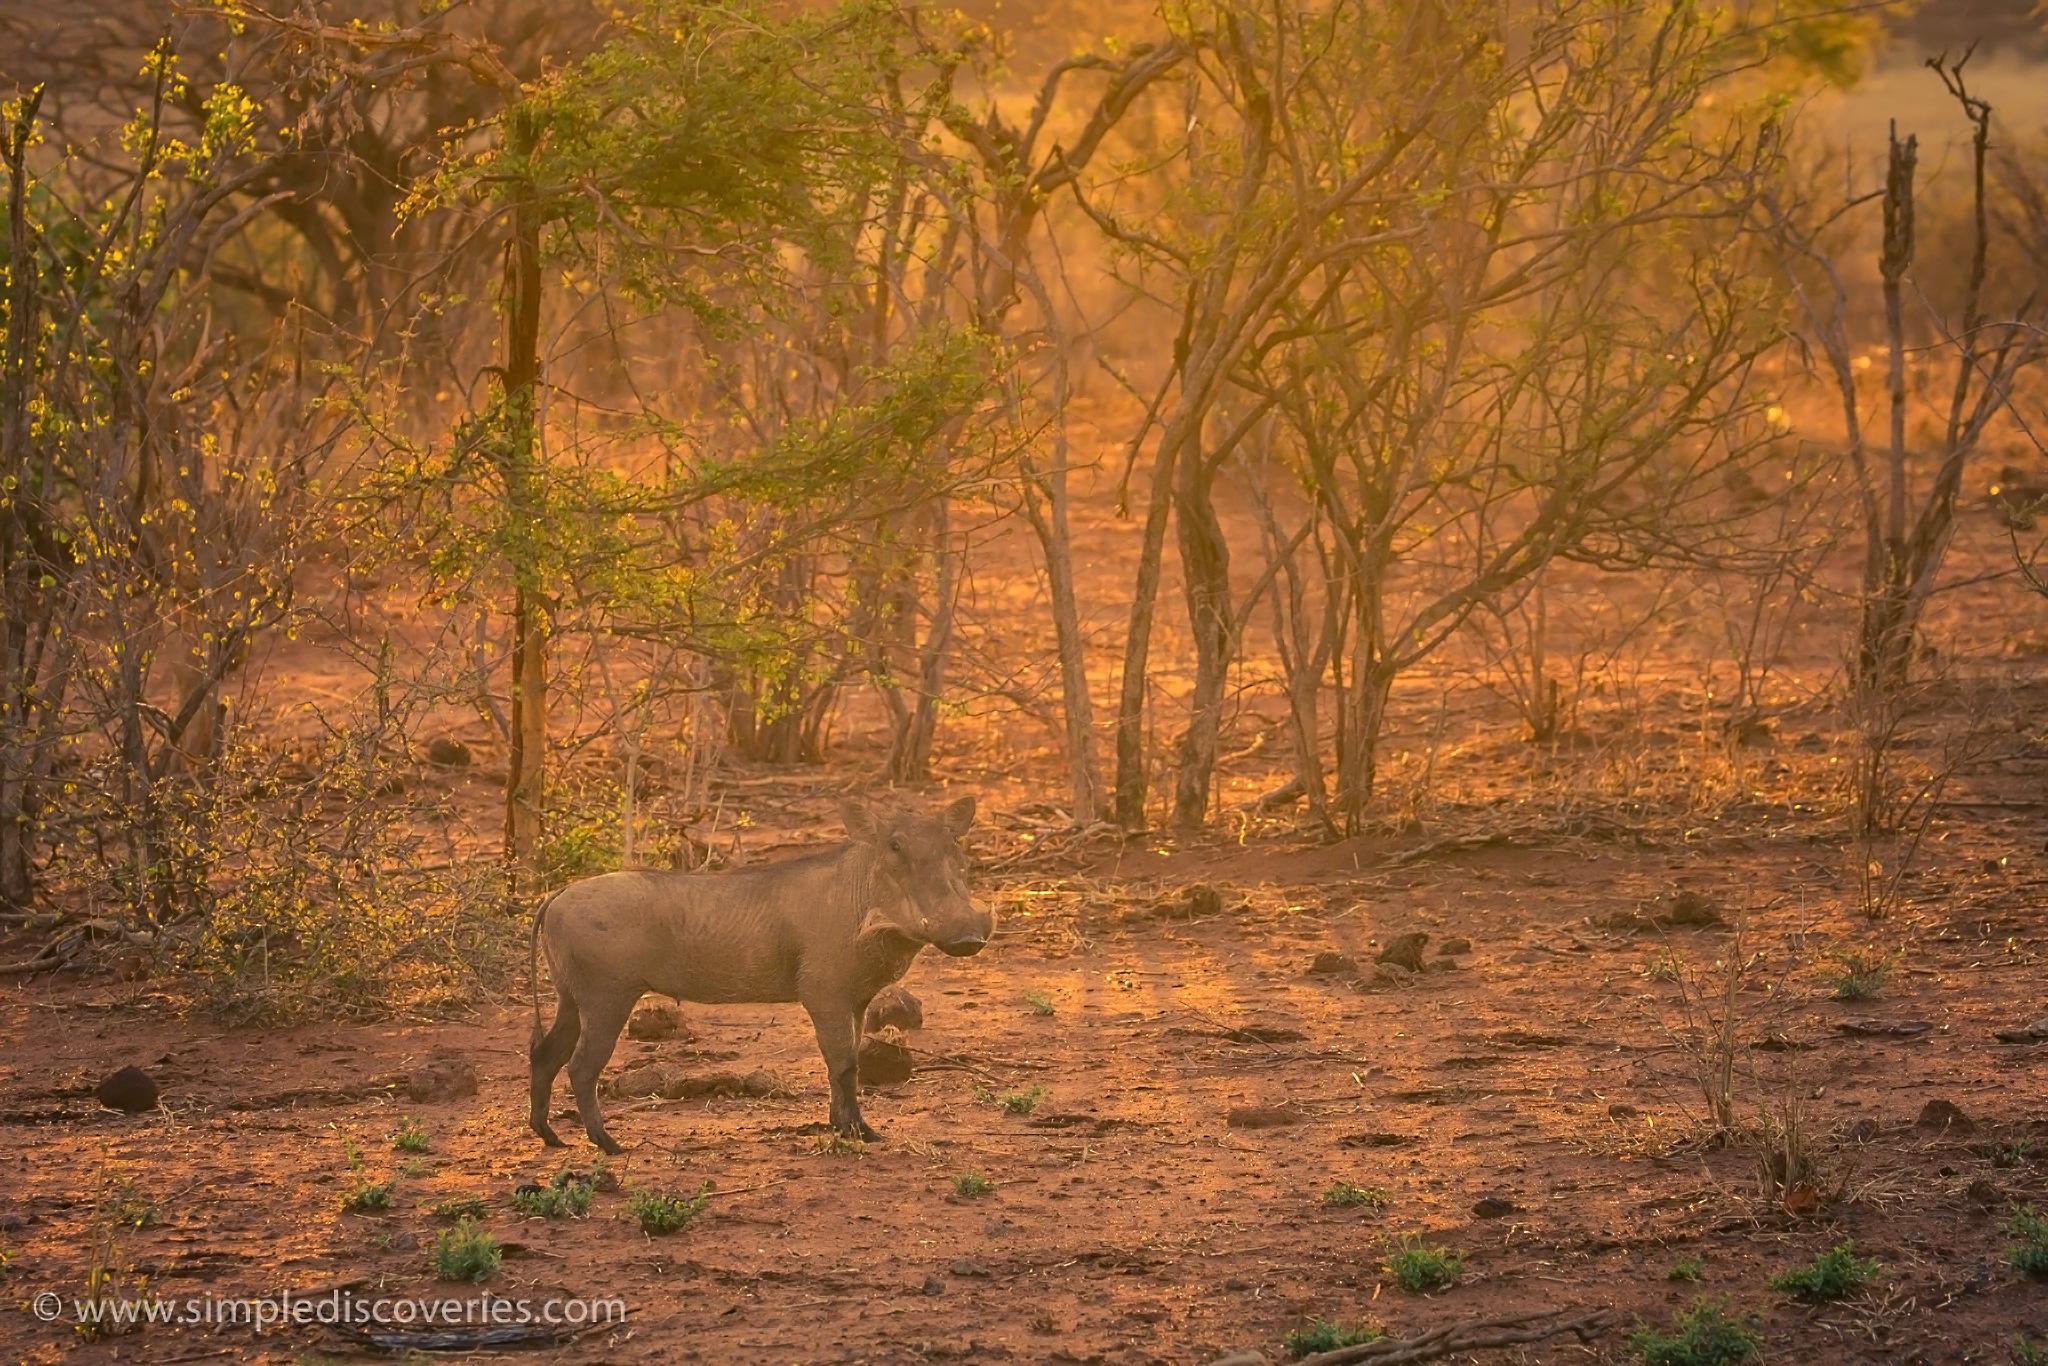 dusty_warthog